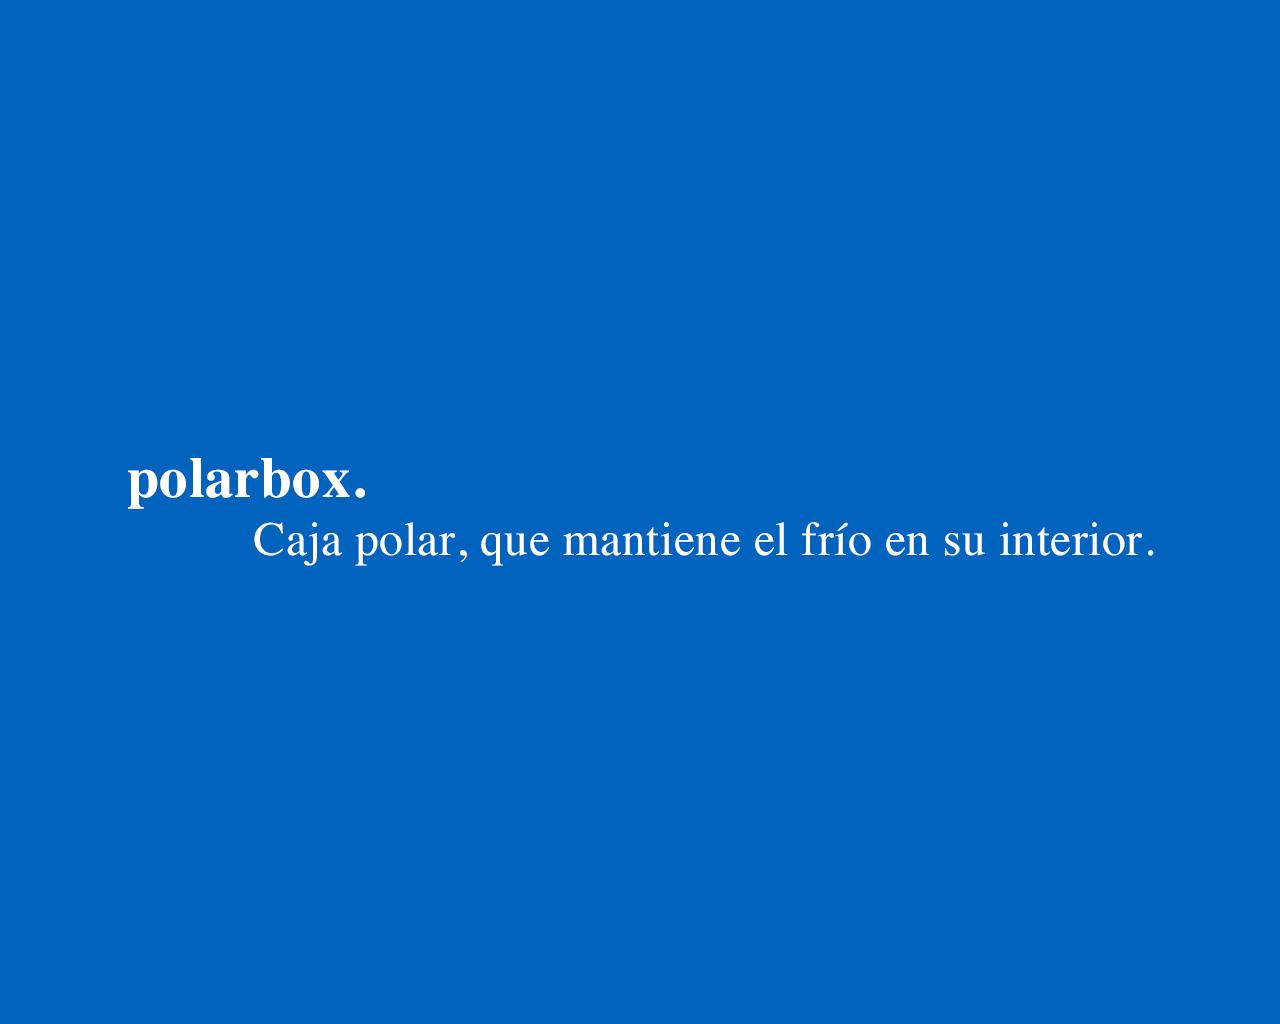 PolarBox Naming by Momo & Cía.